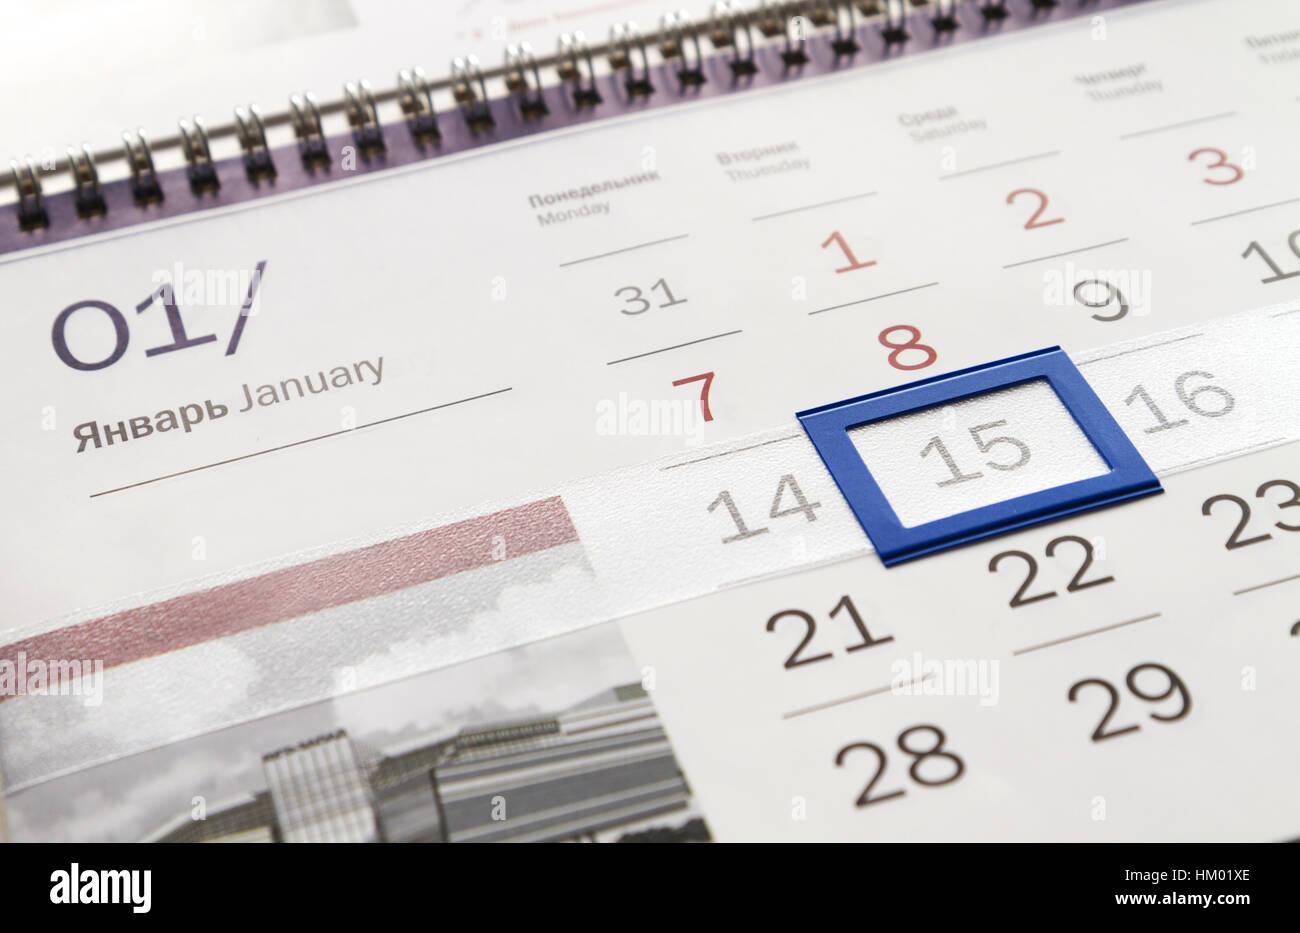 Calendario Trimestrali.Corporate Calendario Trimestrale Close Up Con Marcata Data